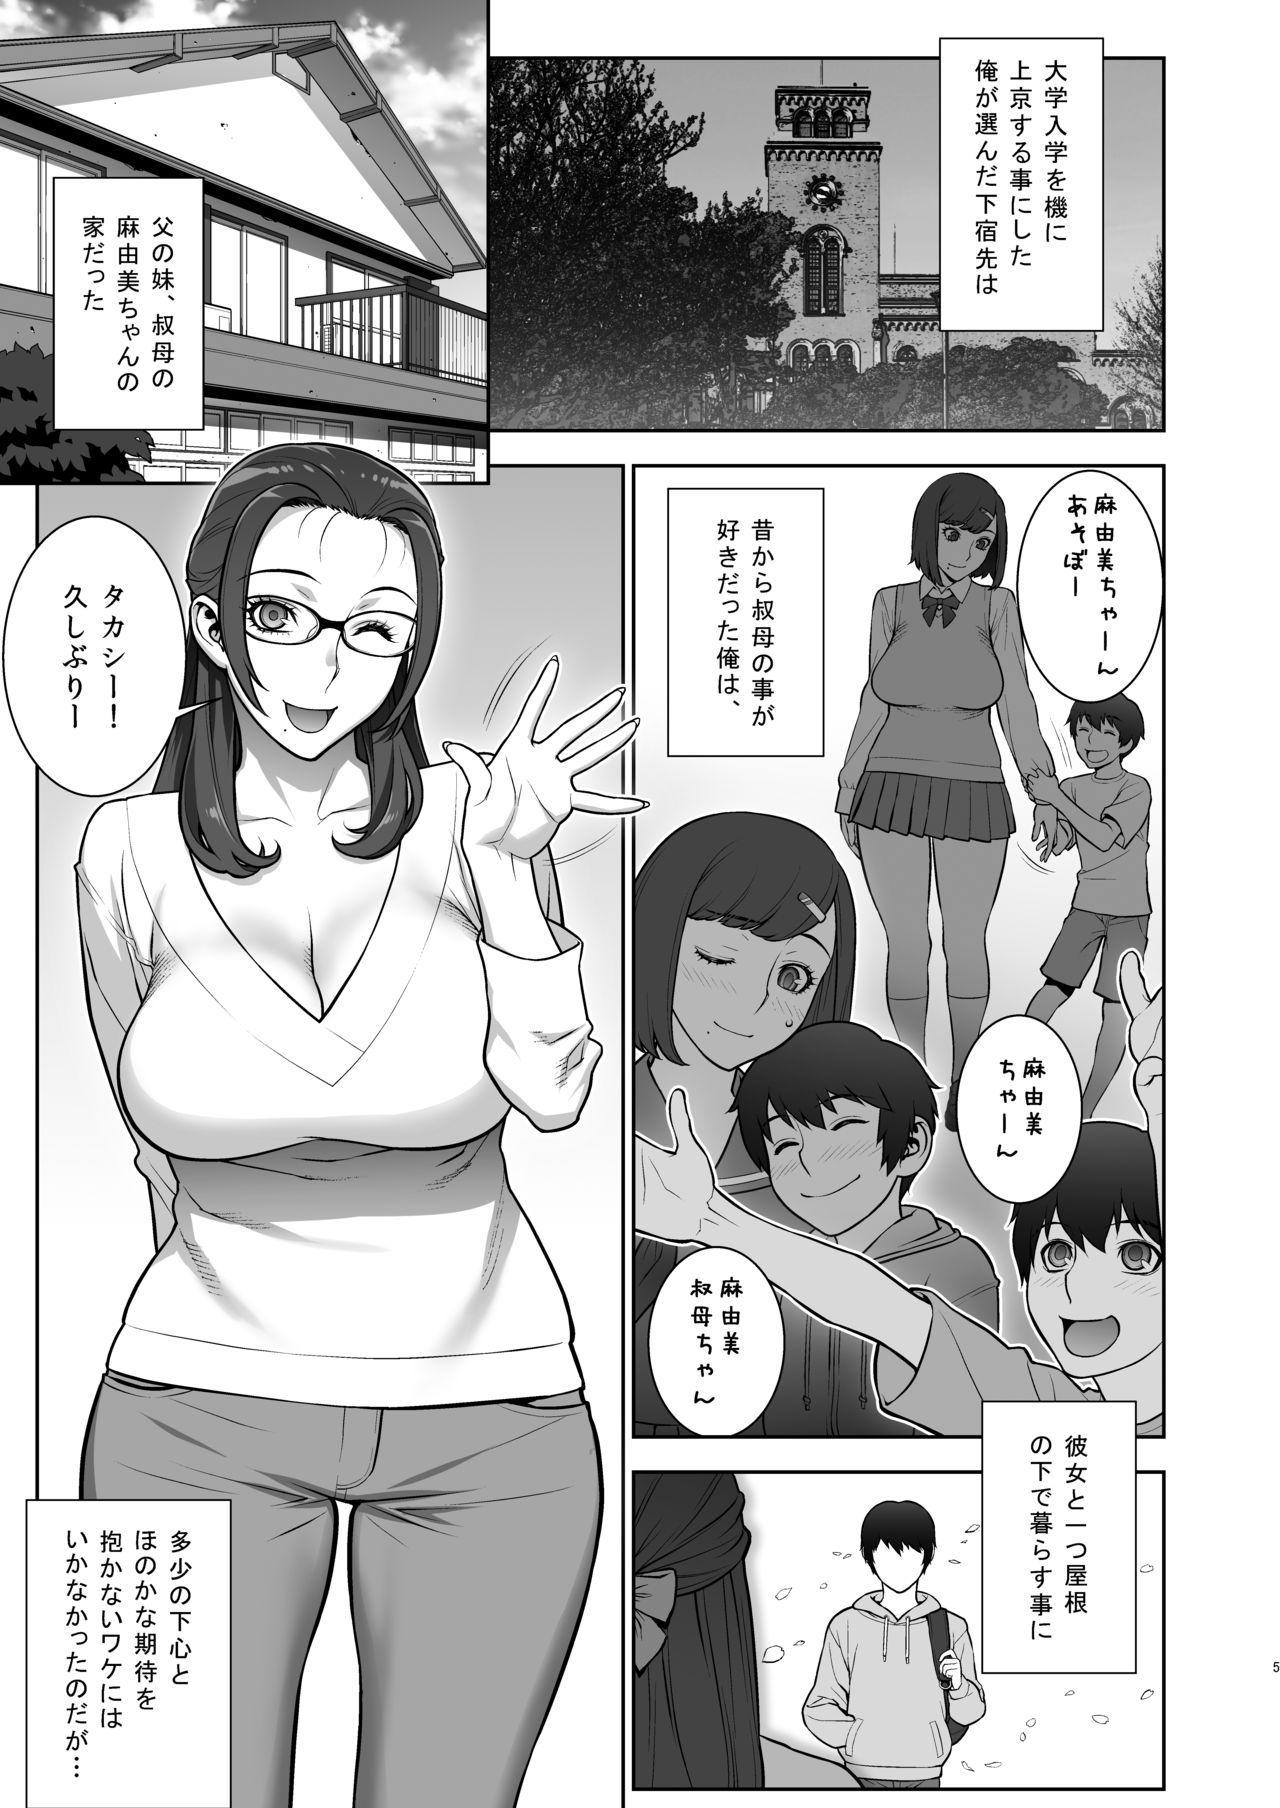 Oba no Uwa Kitsu Cosplay Onanie o Mokugeki Shita Ken 3